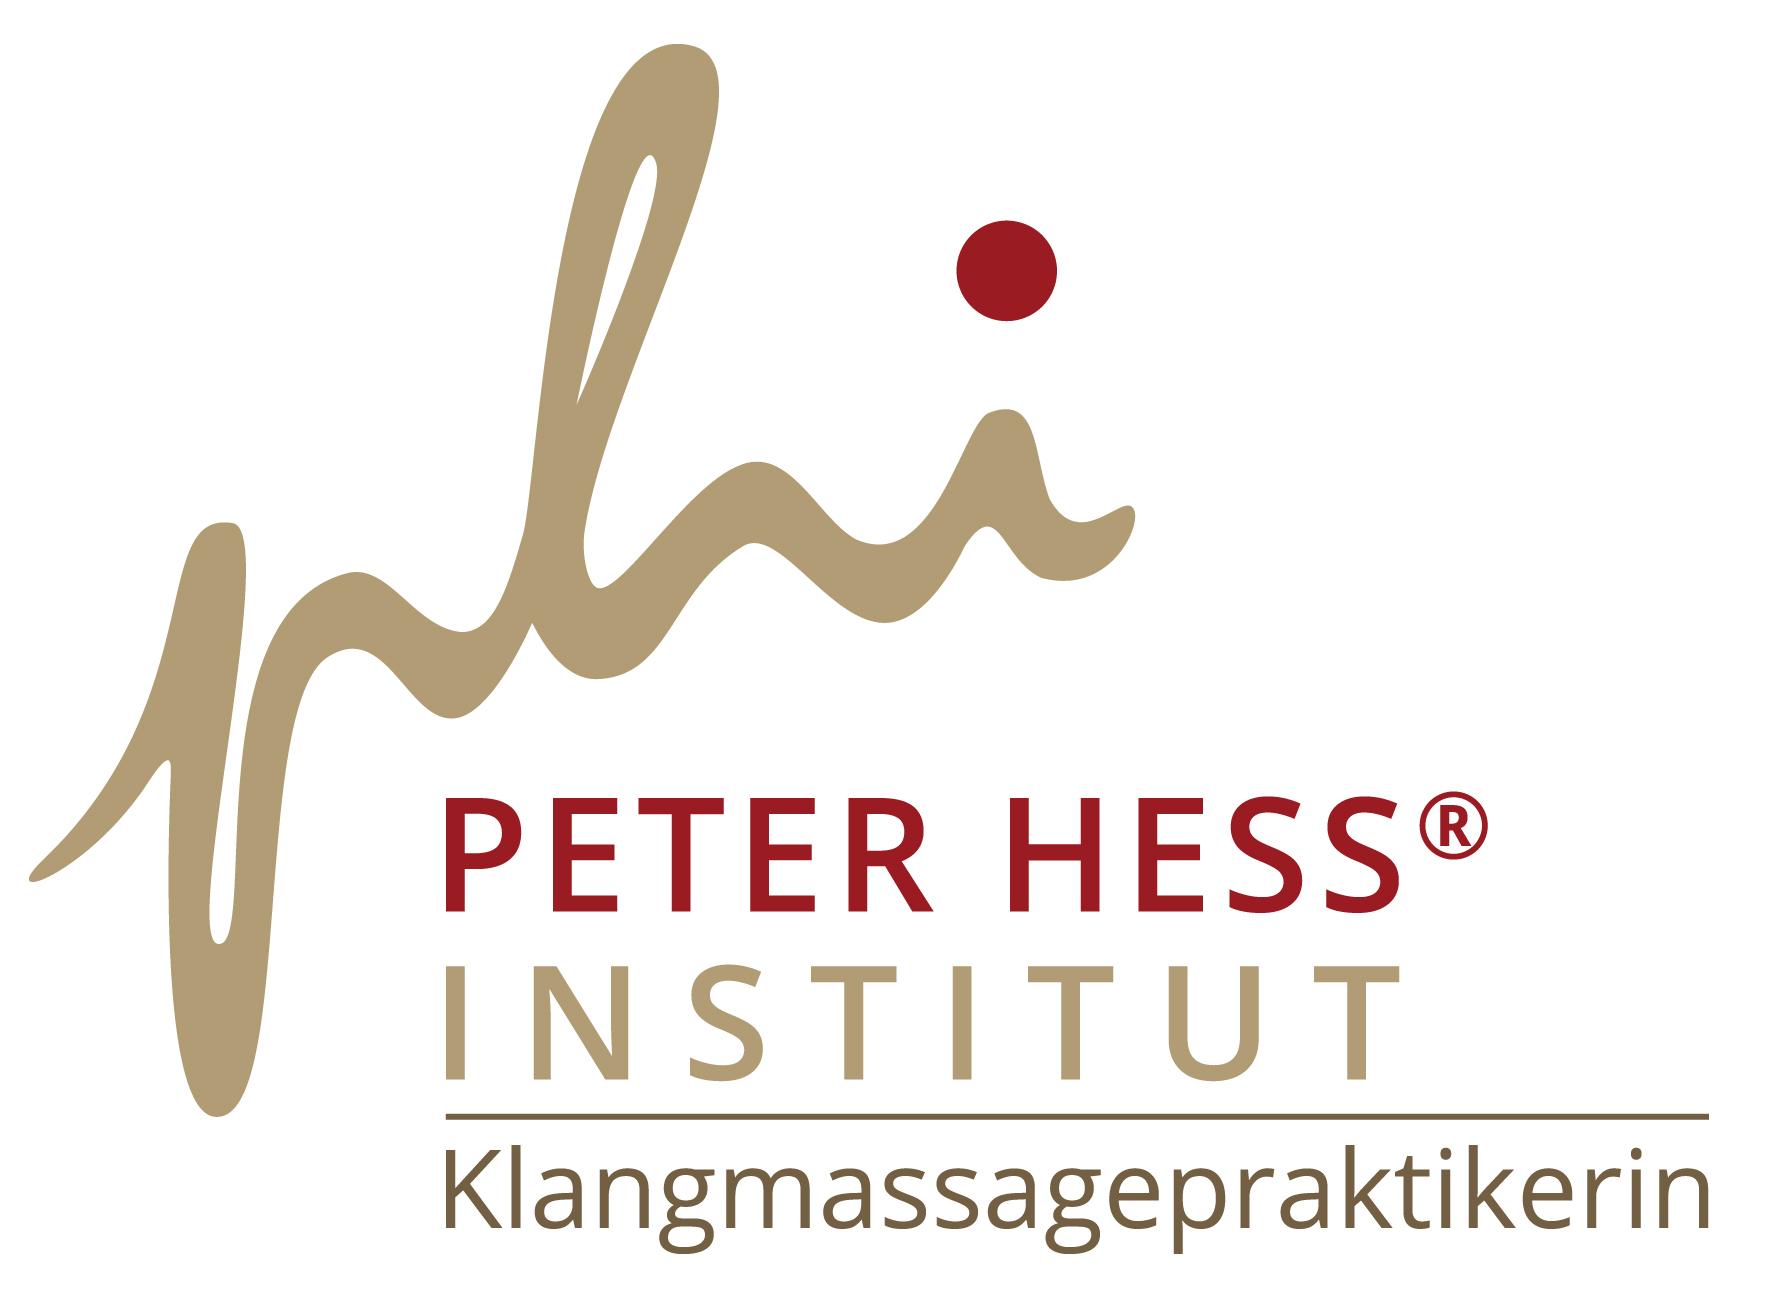 Klangschalenmassage im Saarland: Peter Hess ® Institut Klangmassagepraktikerin